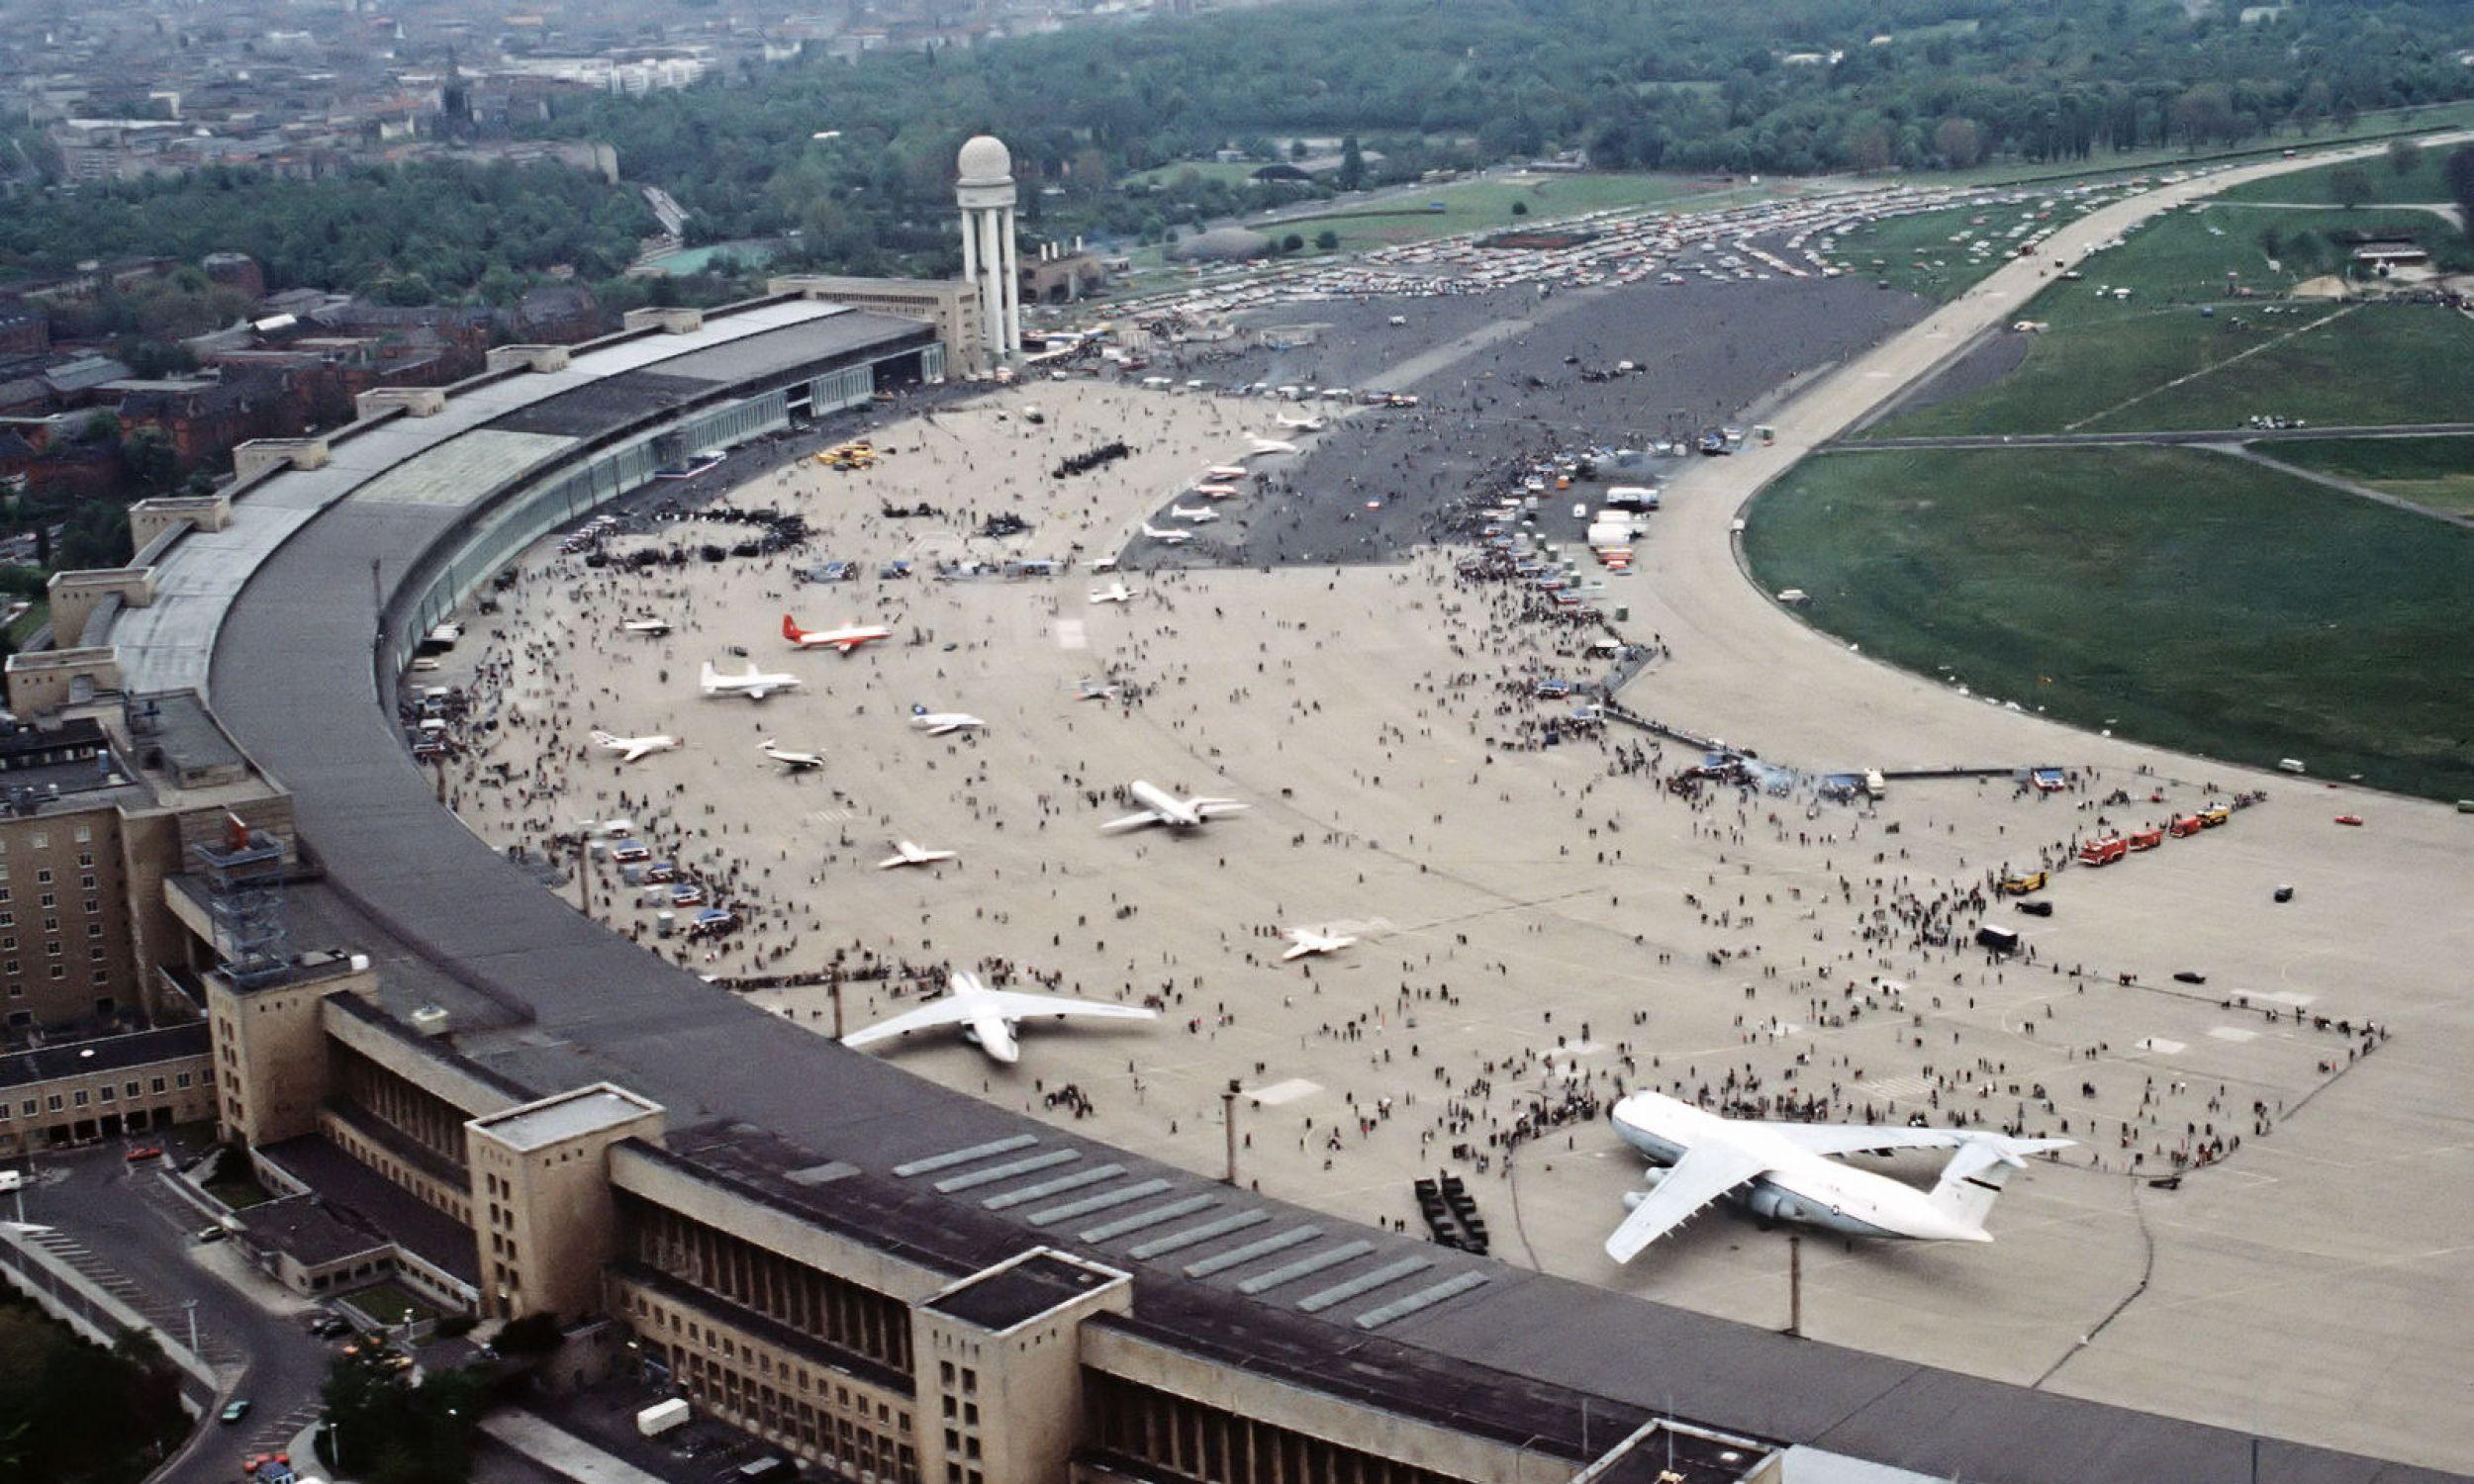 Lotnisko Tempelhof w Berlinie, rok 1984. Fot. Wikipedia/TSGT Jose Lopez Jr., US Air Force